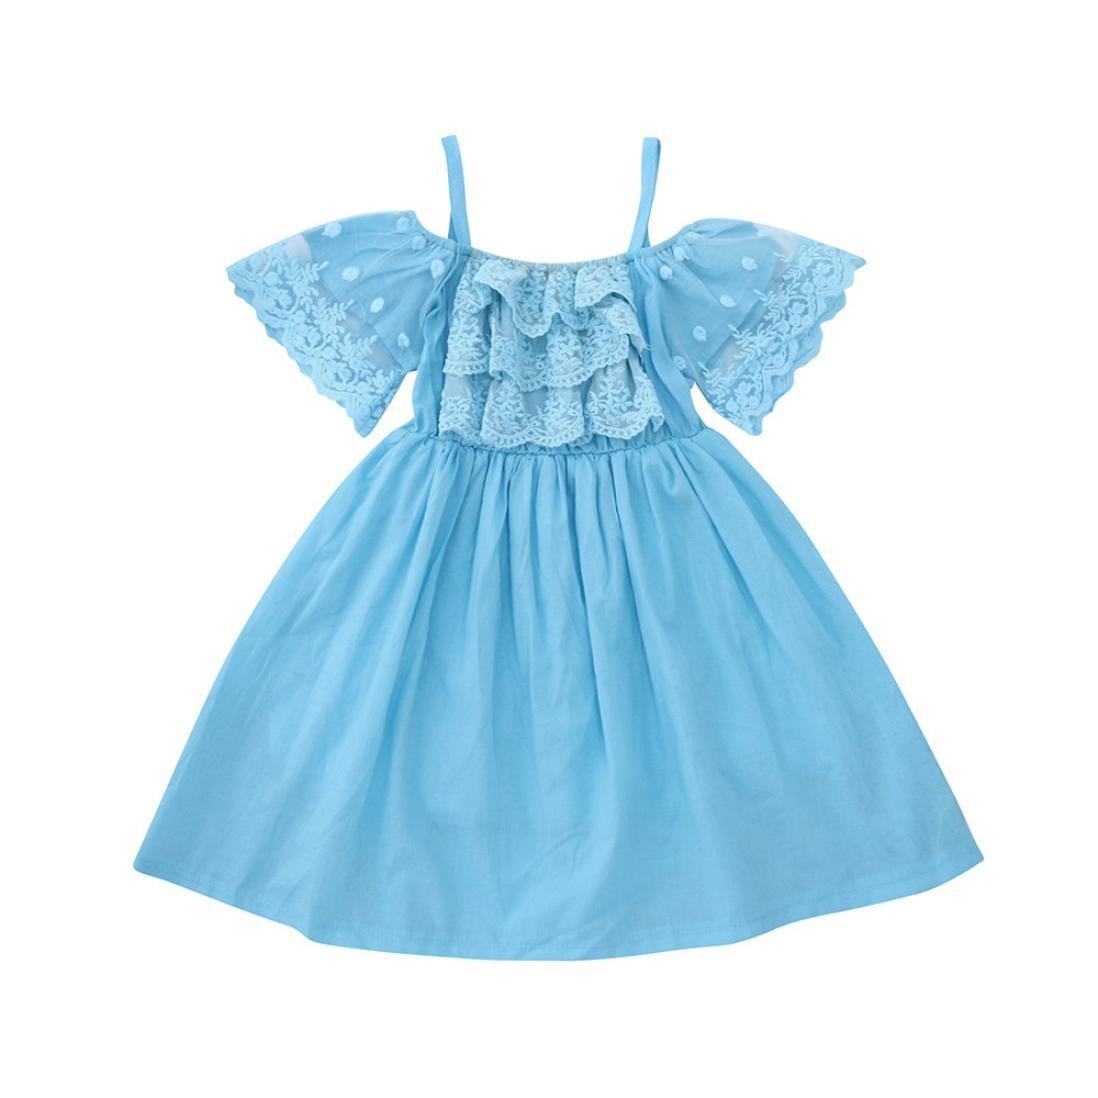 💜 Vestidos Niñas Encaje Ceremonia,Flor Chicas Princesa Dress Kids Bebé Vestidos de Encaje del Desfile de la Boda del Partido Ropa Absolute: Amazon.es: Ropa ...